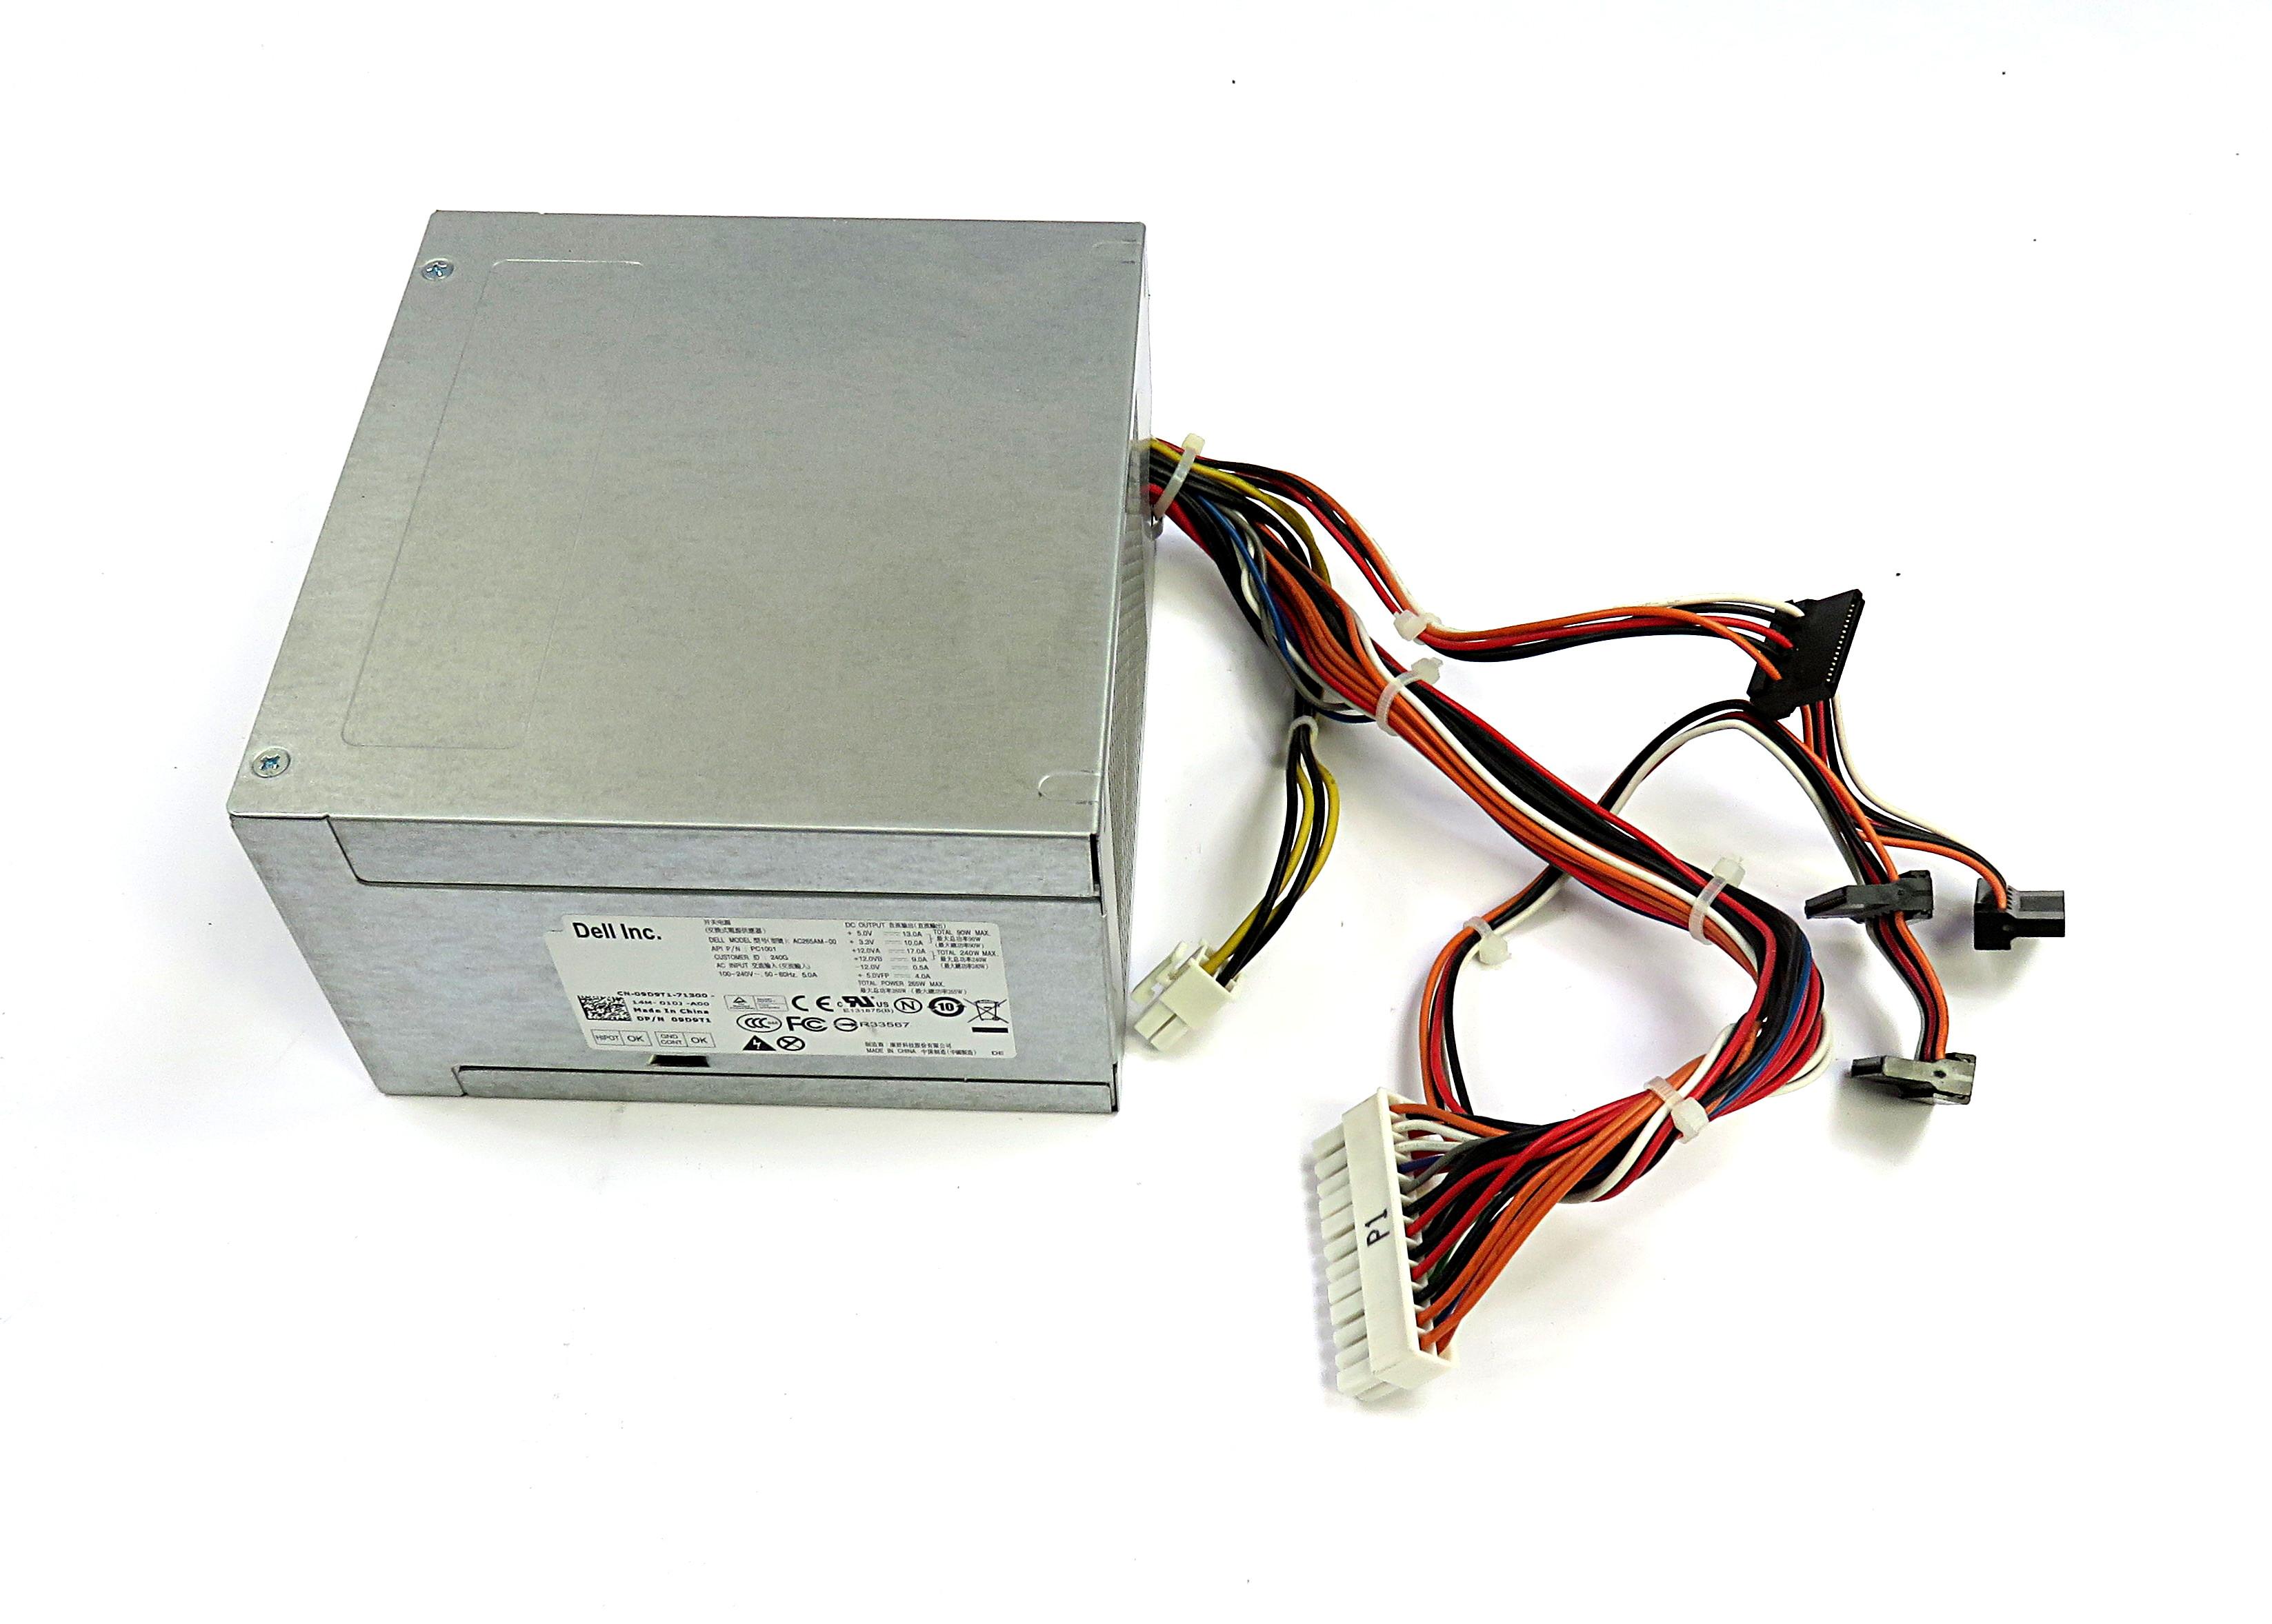 9D9T1 Dell 265W 24-pin ATX PSU AC265AM-00 f/ OptiPlex 990 Desktop